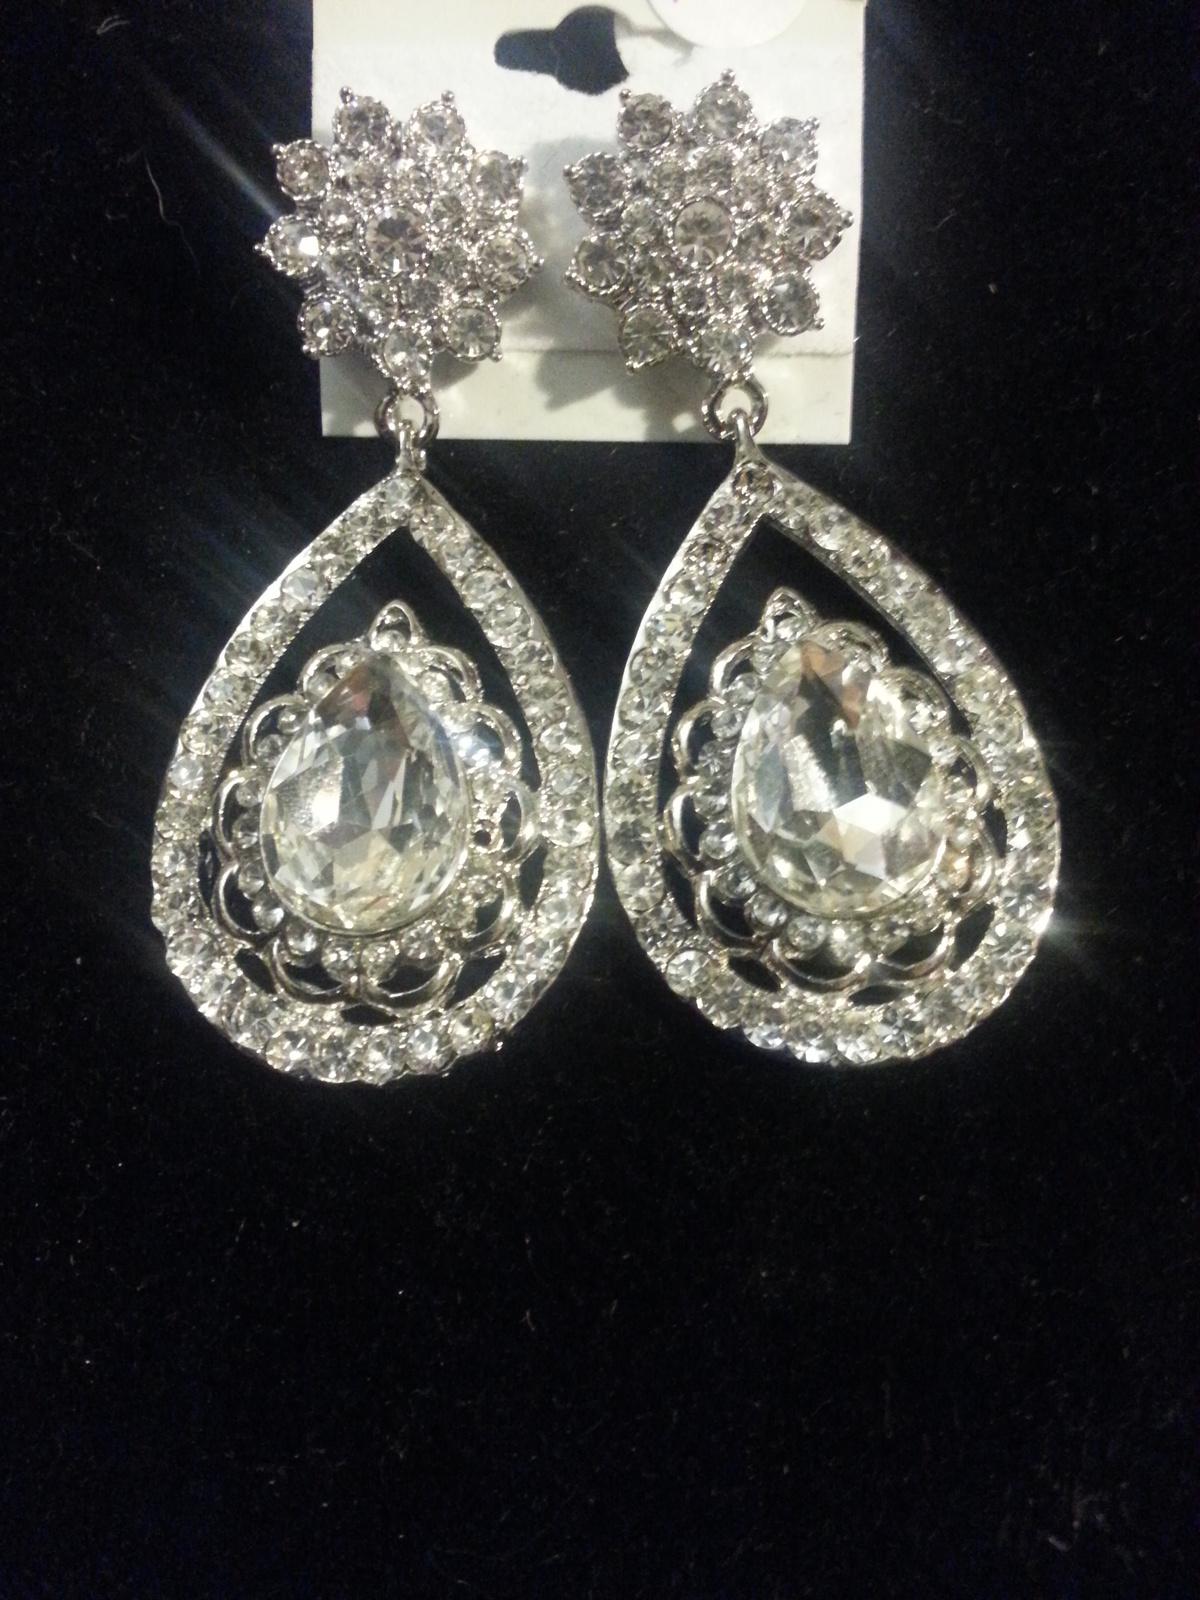 Silver Clear Swarovski Crystal Teardrop Pageant Prom Earrings